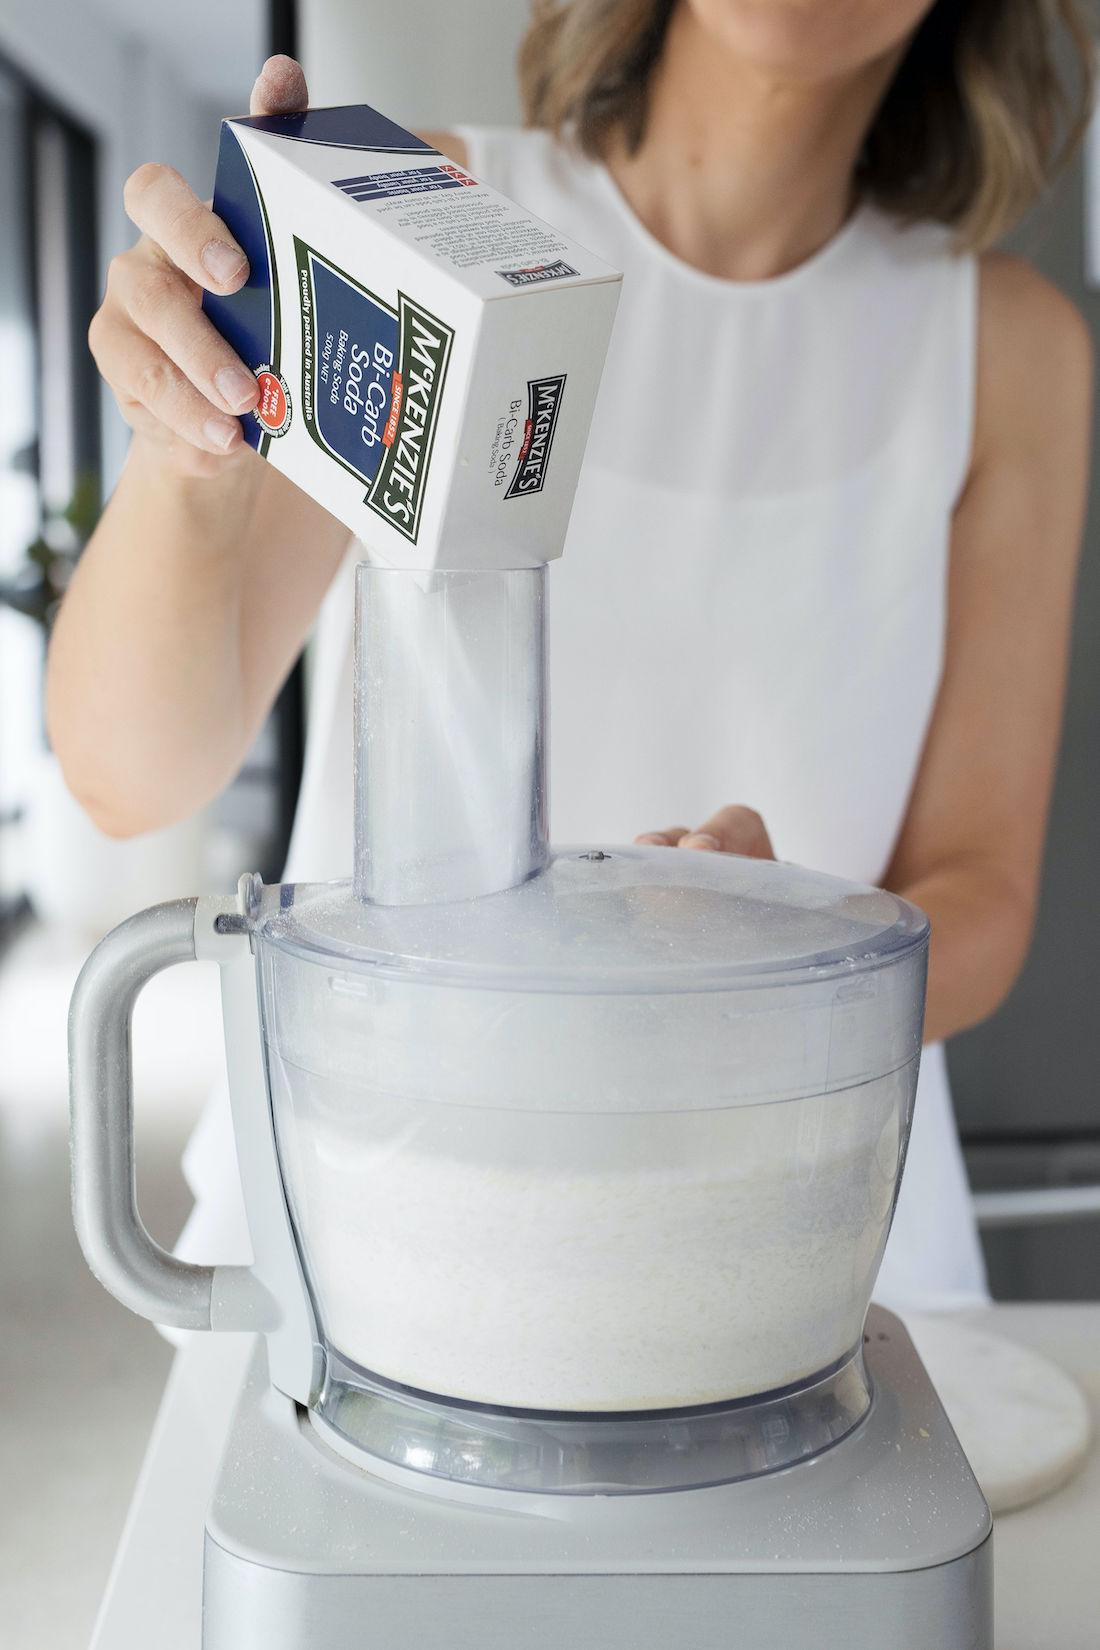 Make you own washing powder